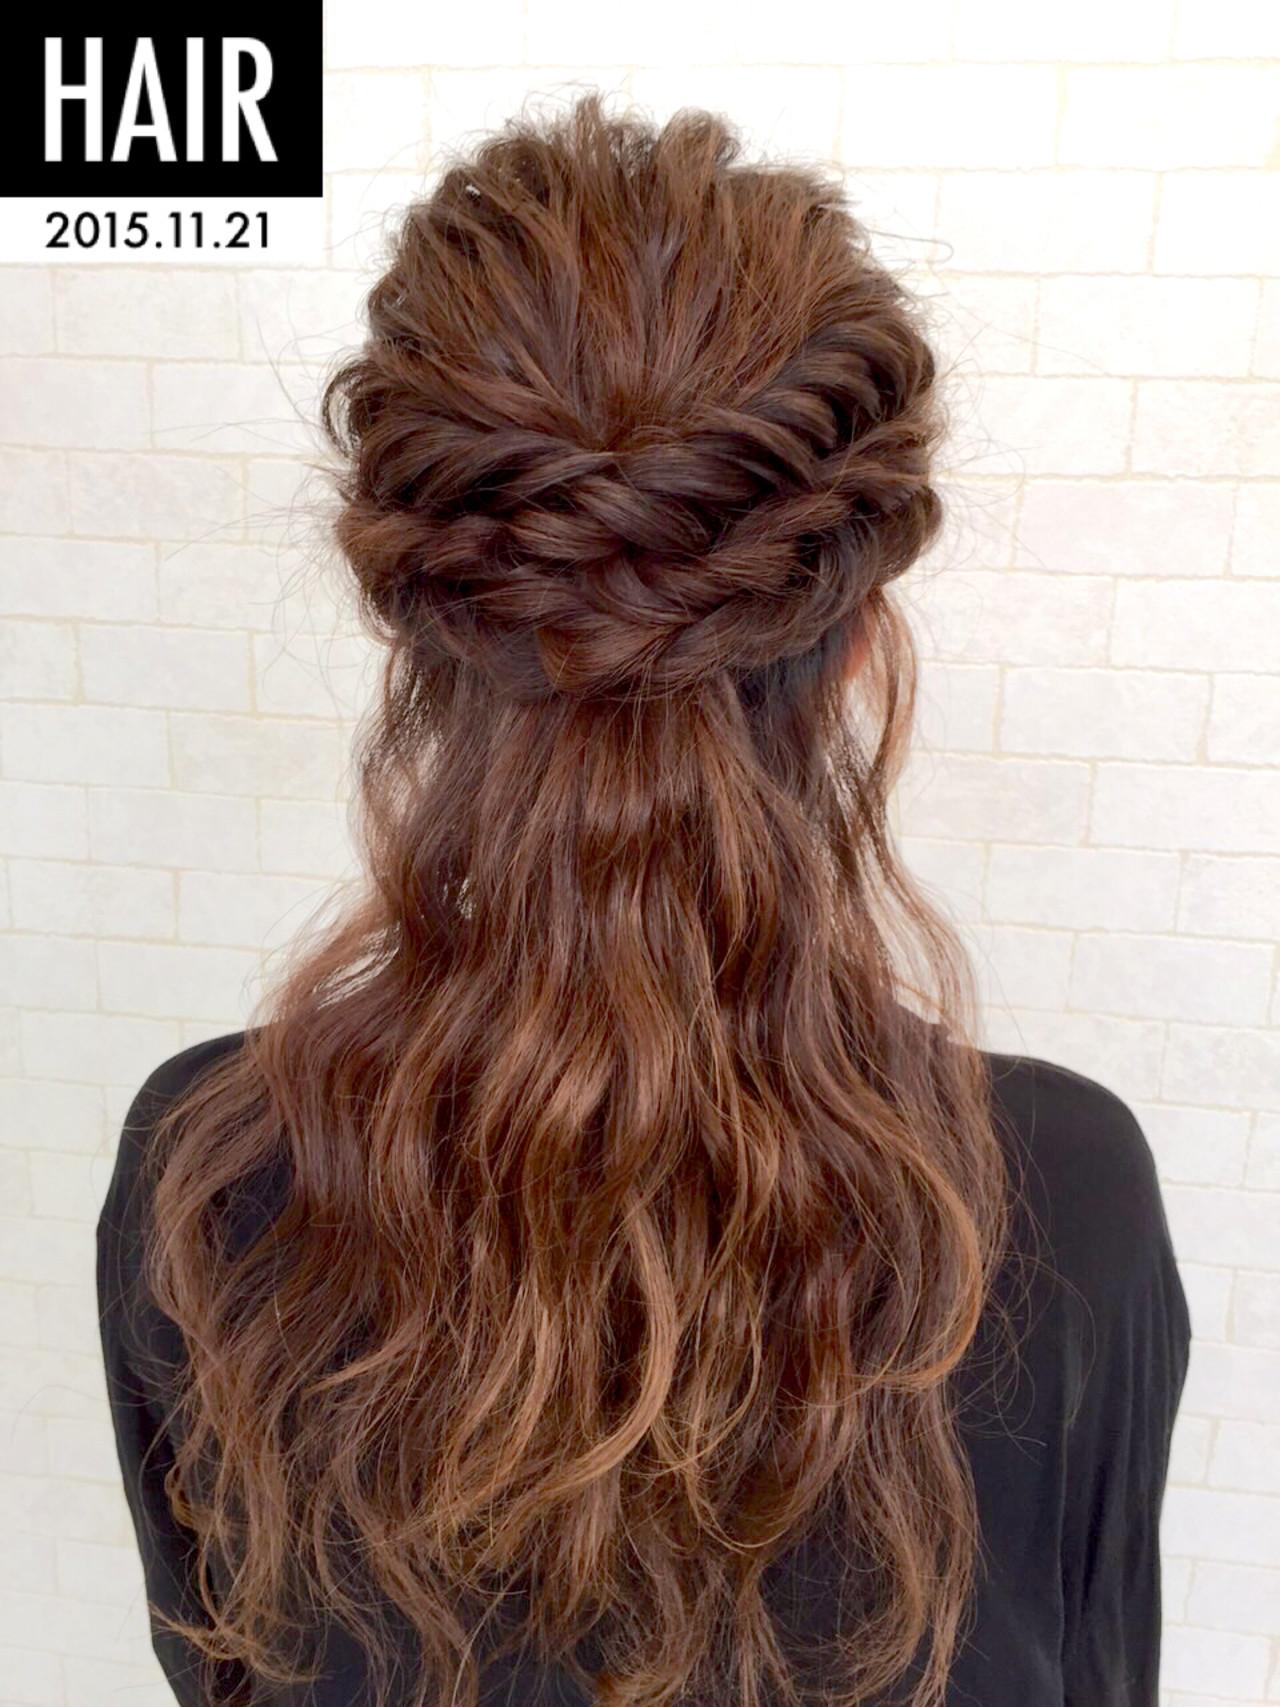 ヘアアレンジ ゆるふわ フェミニン ロング ヘアスタイルや髪型の写真・画像 | 平野ちなみ / Petit chou chou